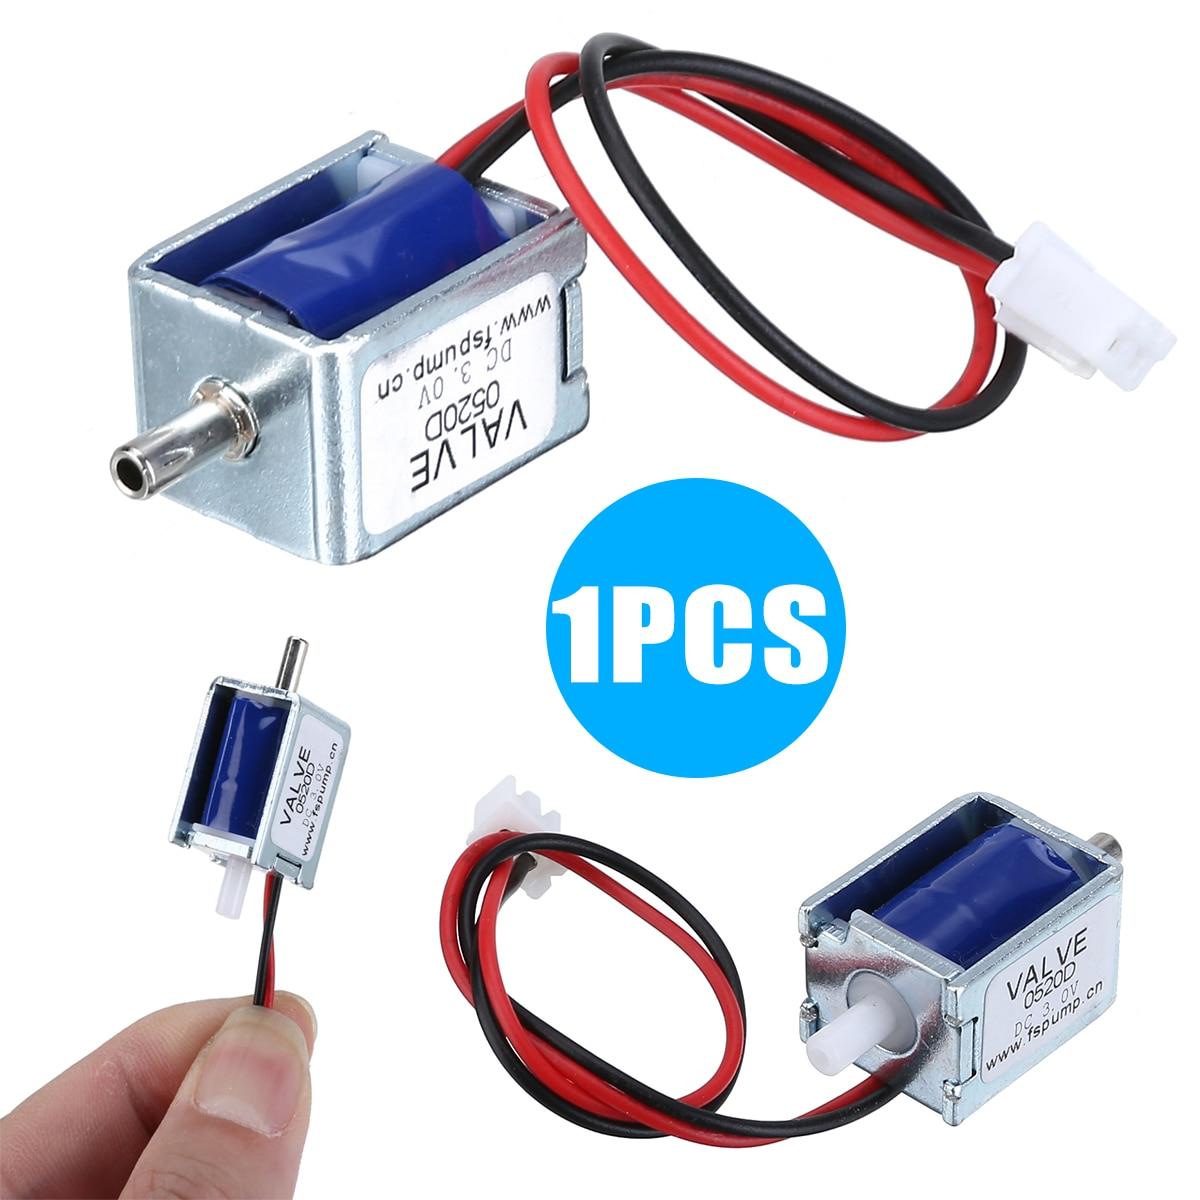 1 Uds. De alta calidad DC 3V Mini válvula de solenoide CC eléctrica N/C normalmente cerrada para válvula de aire de Gas para herramientas de alimentación accesorios nuevos